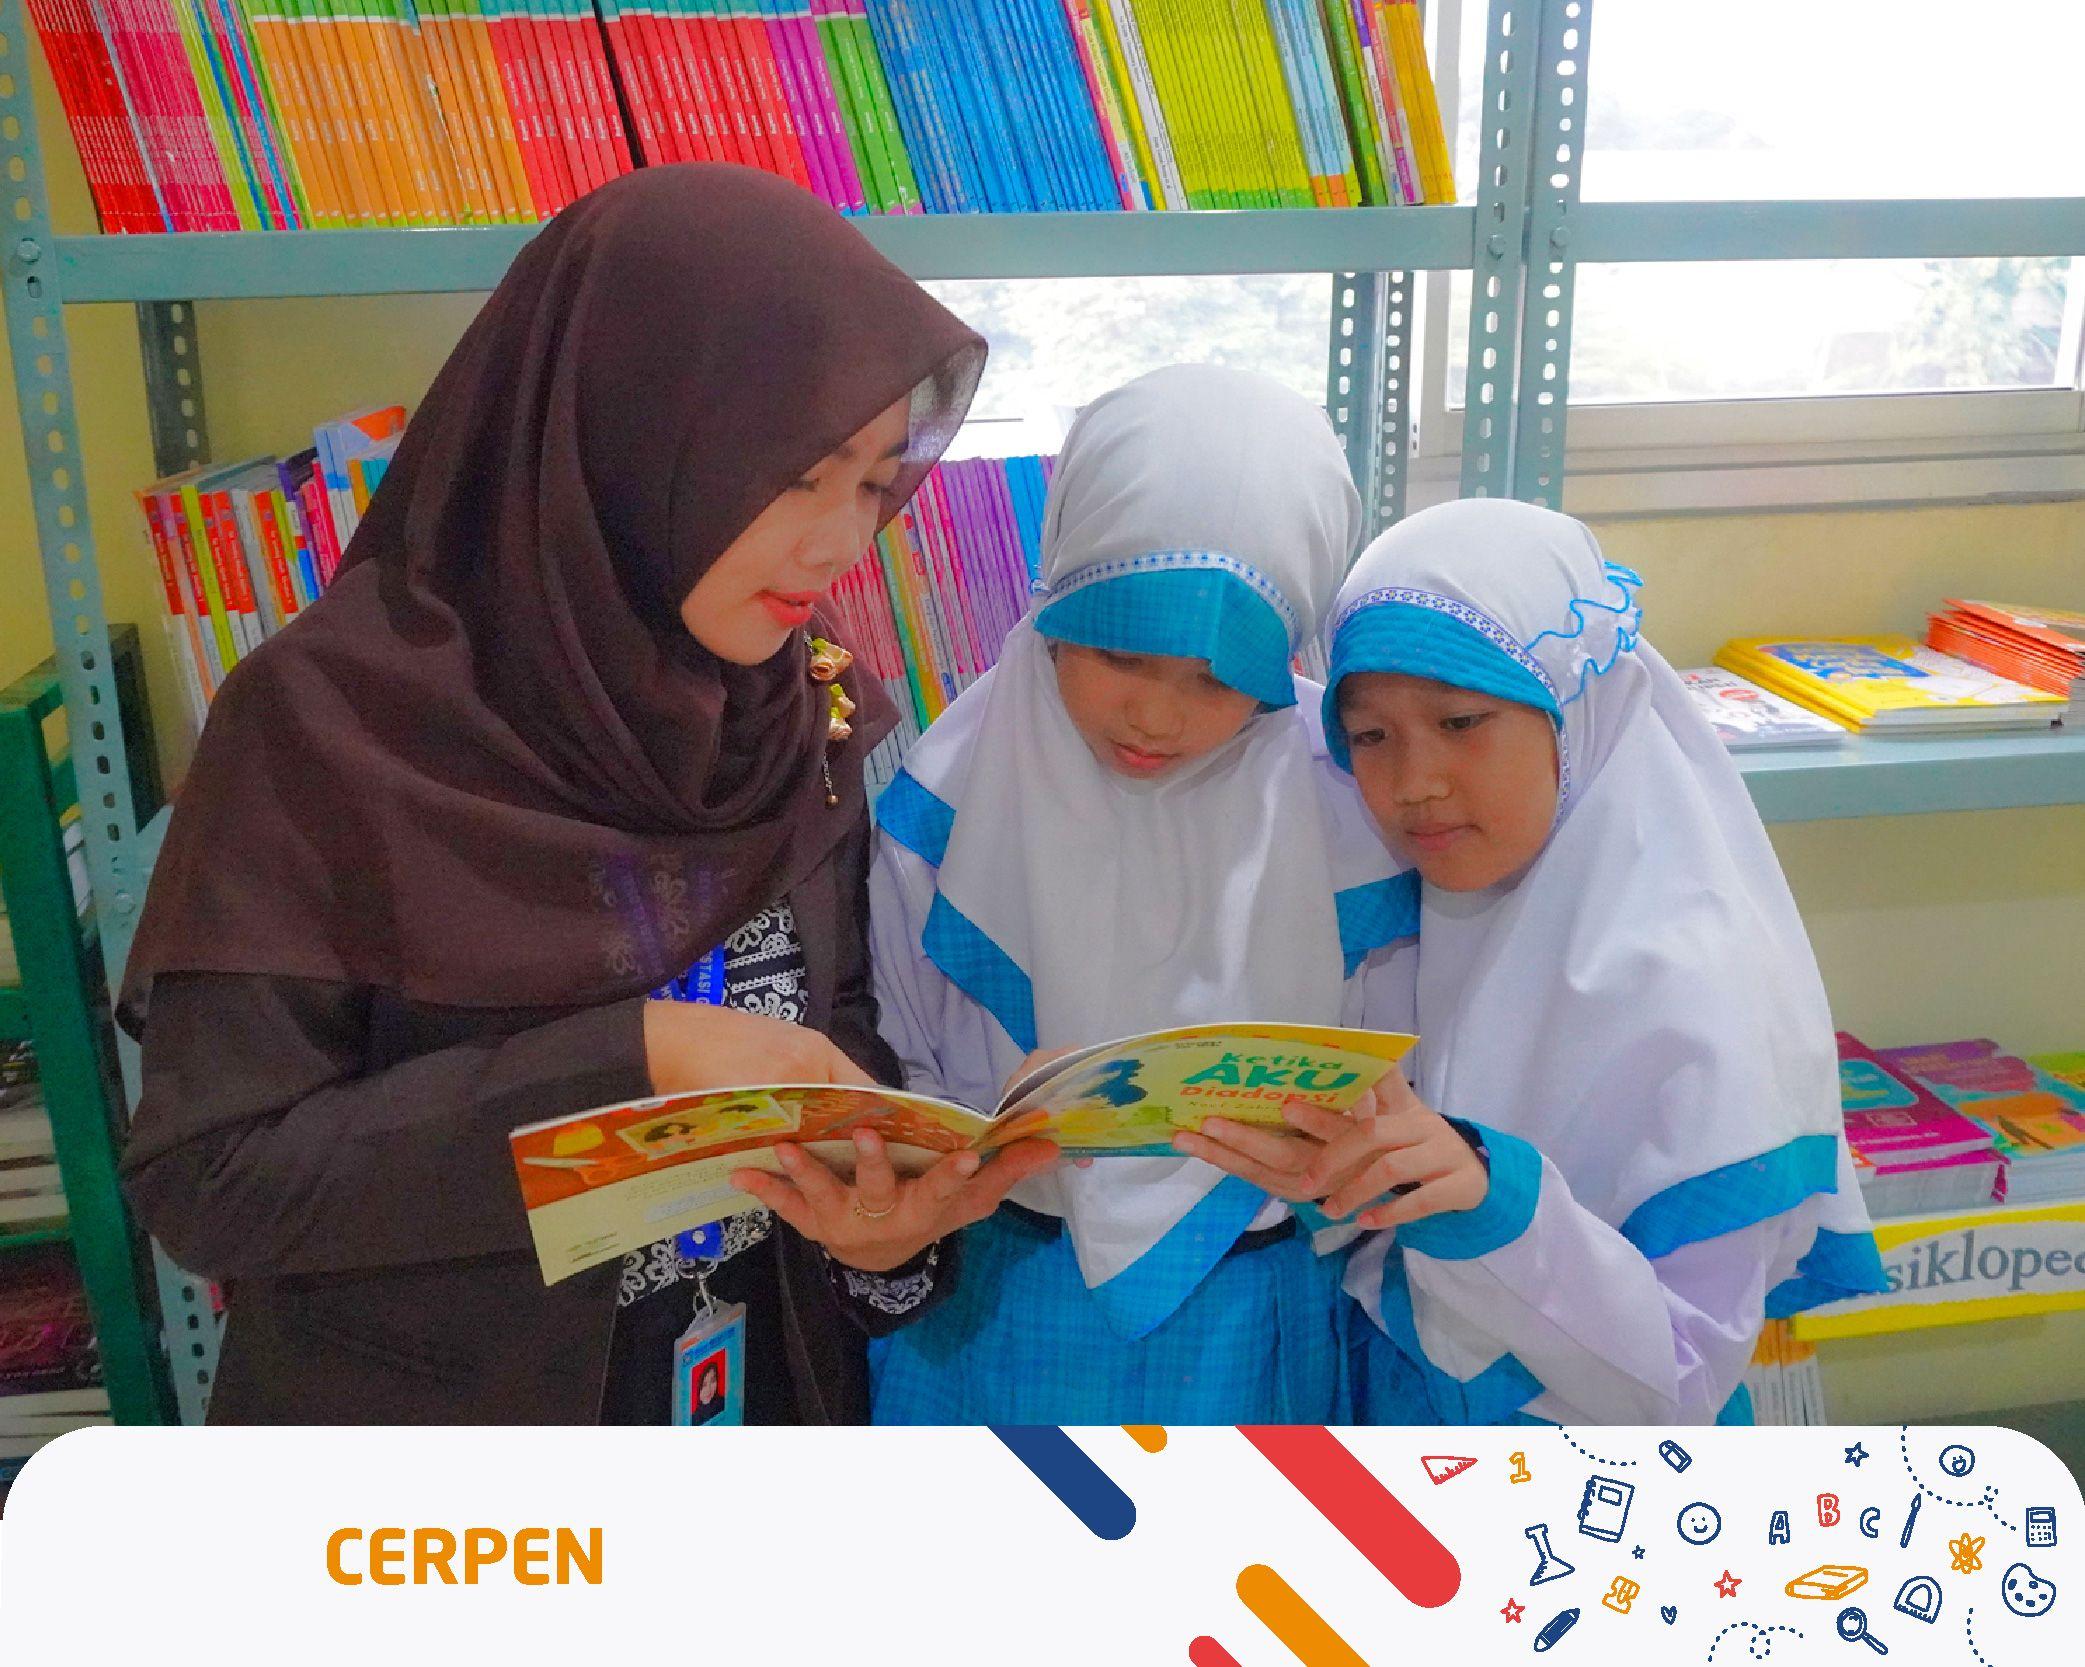 10 Kumpulan Contoh Cerita Pendek Untuk Anak Sekolah Dasar Sekolah Dasar Anak Cerita Pendek